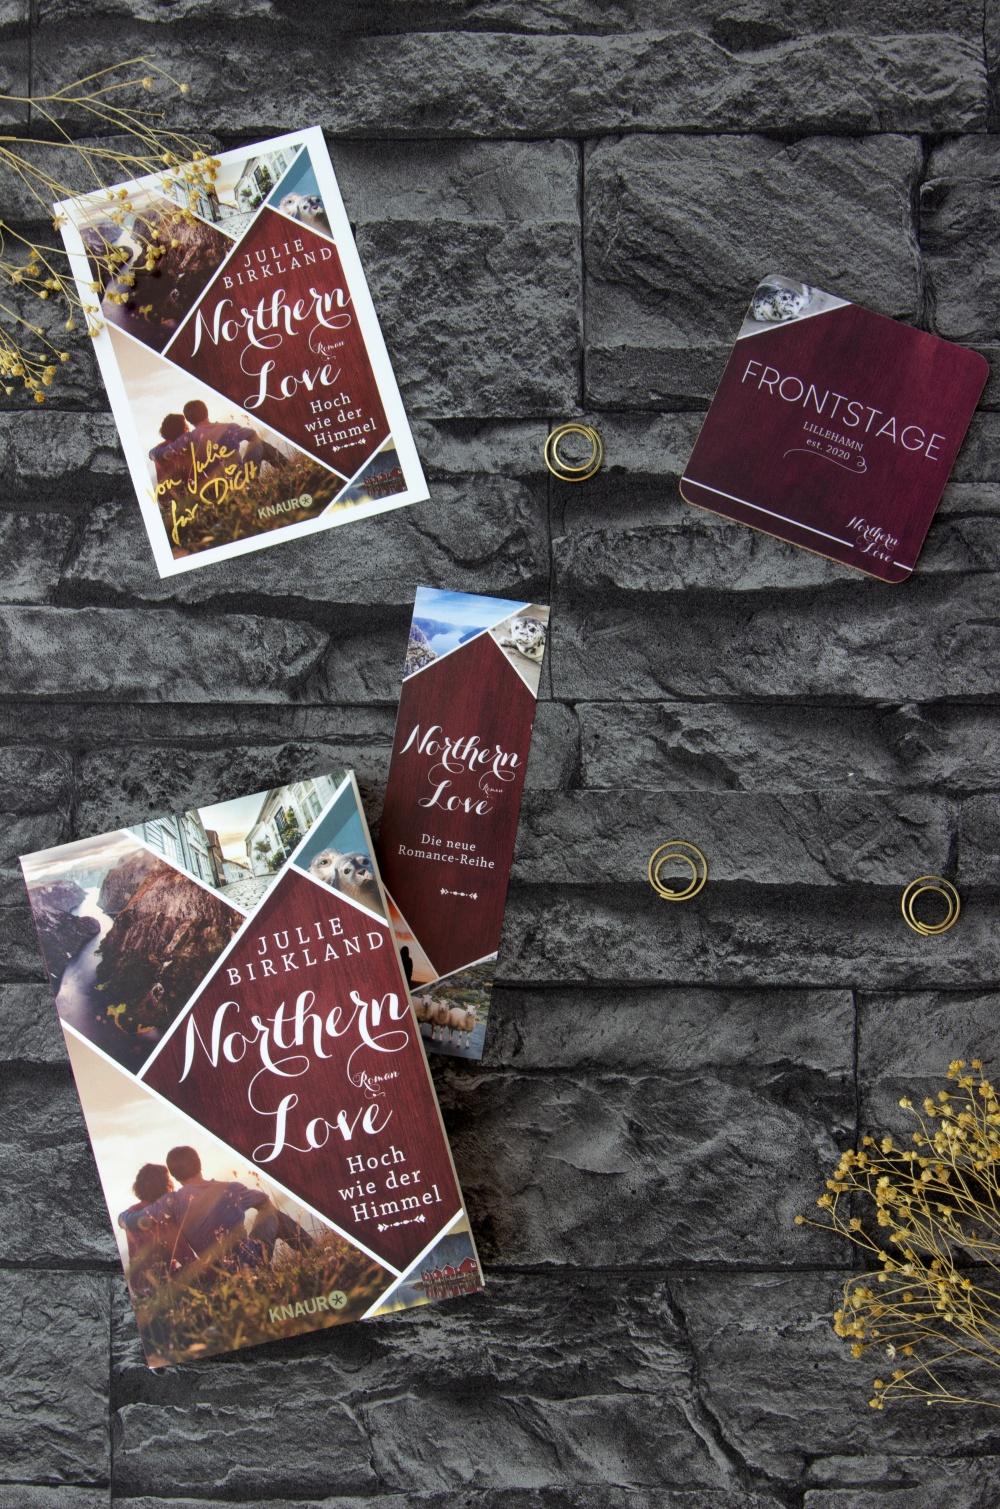 Northern Love - Hoch wie der Himmel von Julie Birkland